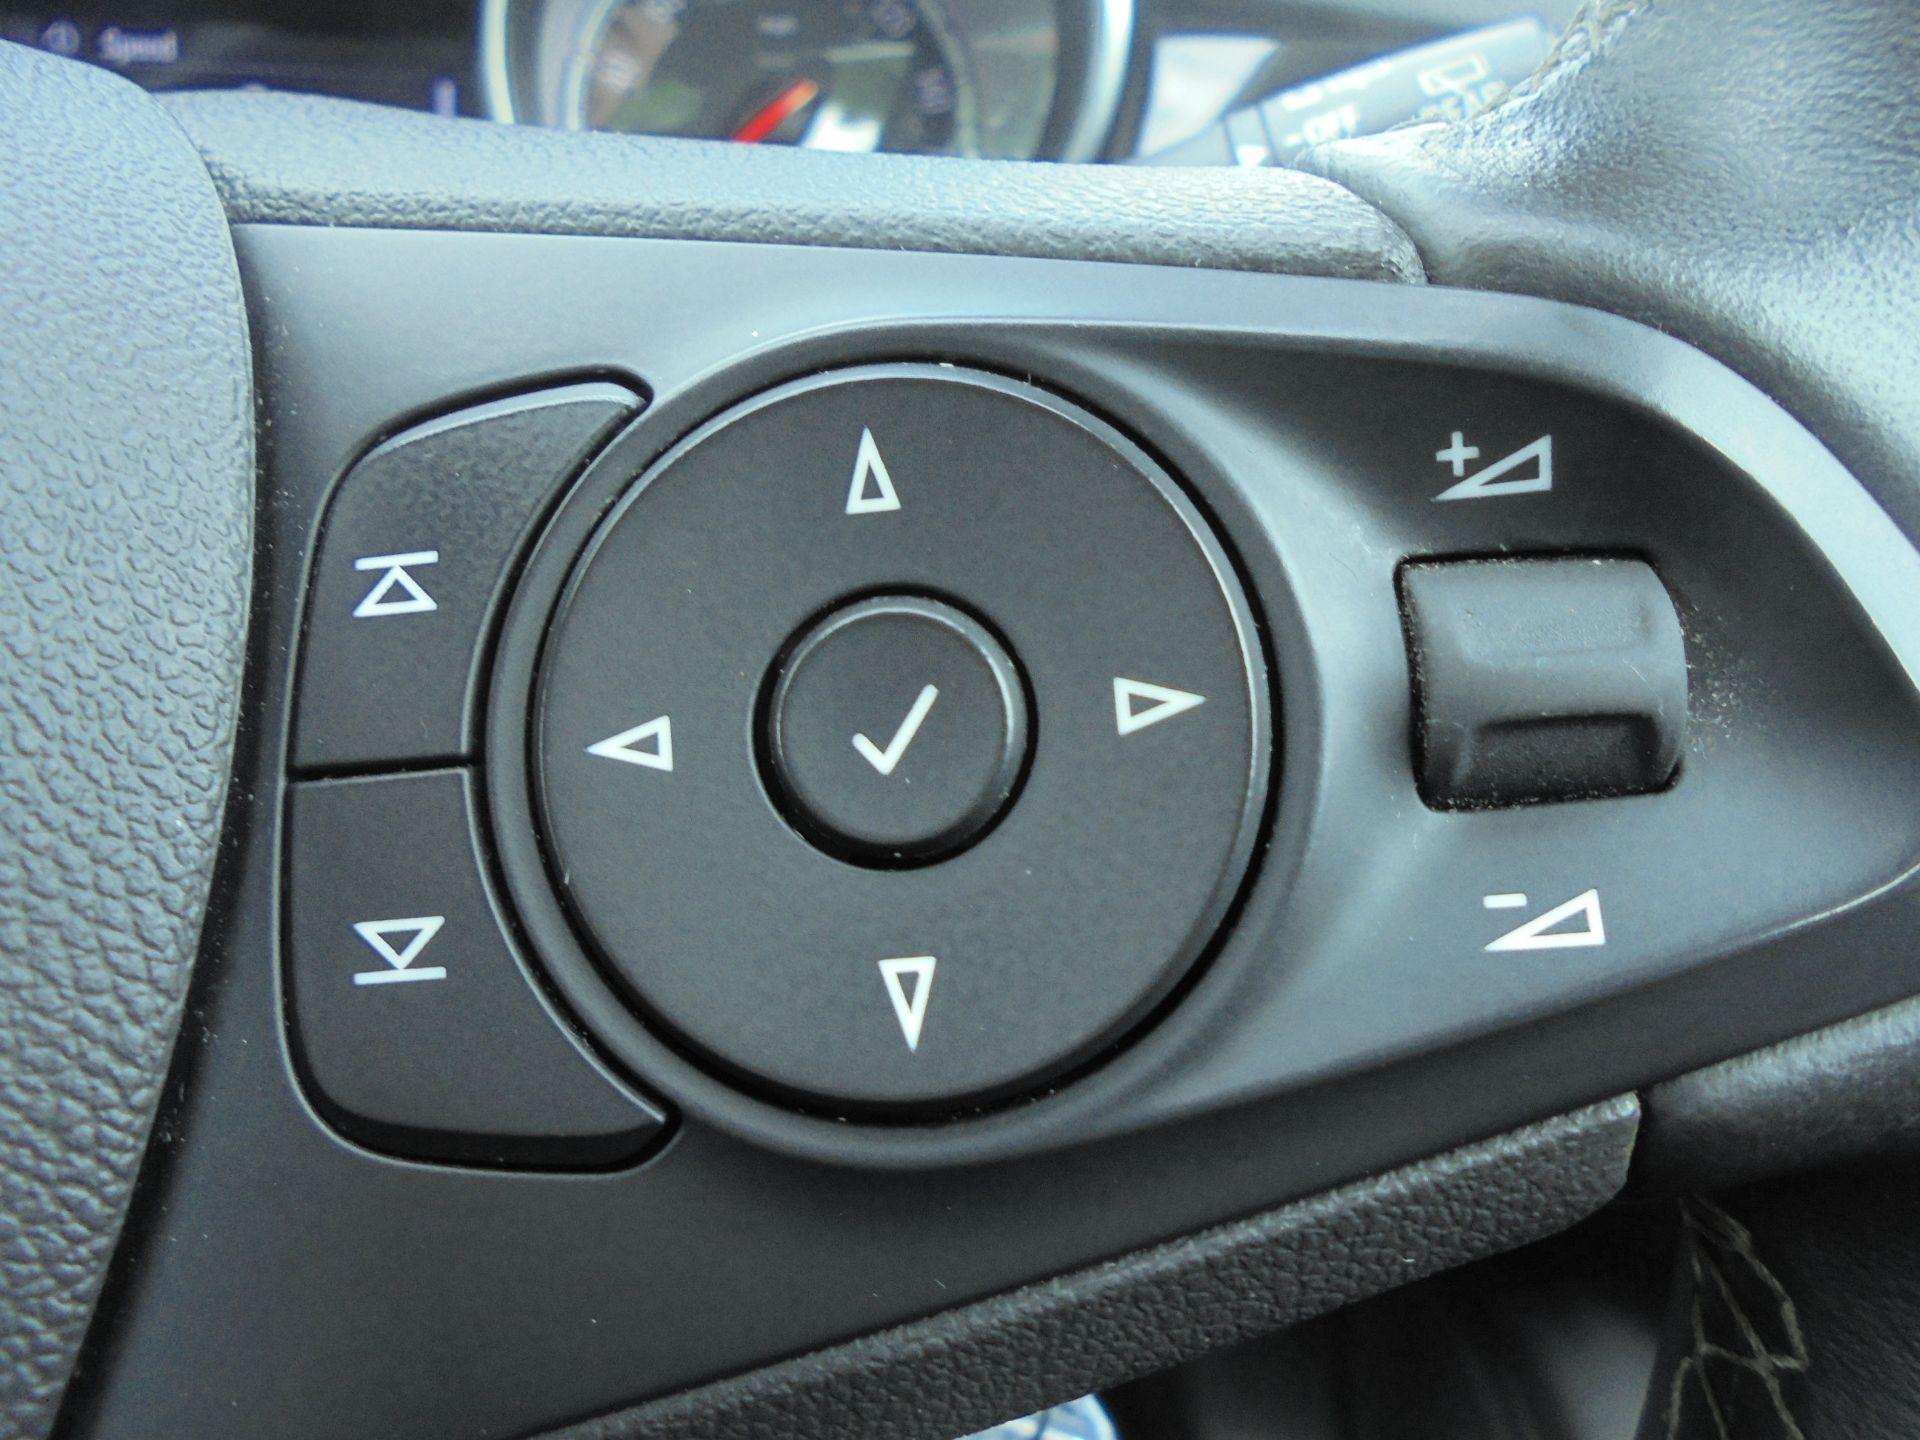 2018 Vauxhall Astra 1.6 Cdti 16V Ecoflex Sri Nav 5Dr (VE18TXA) Image 17